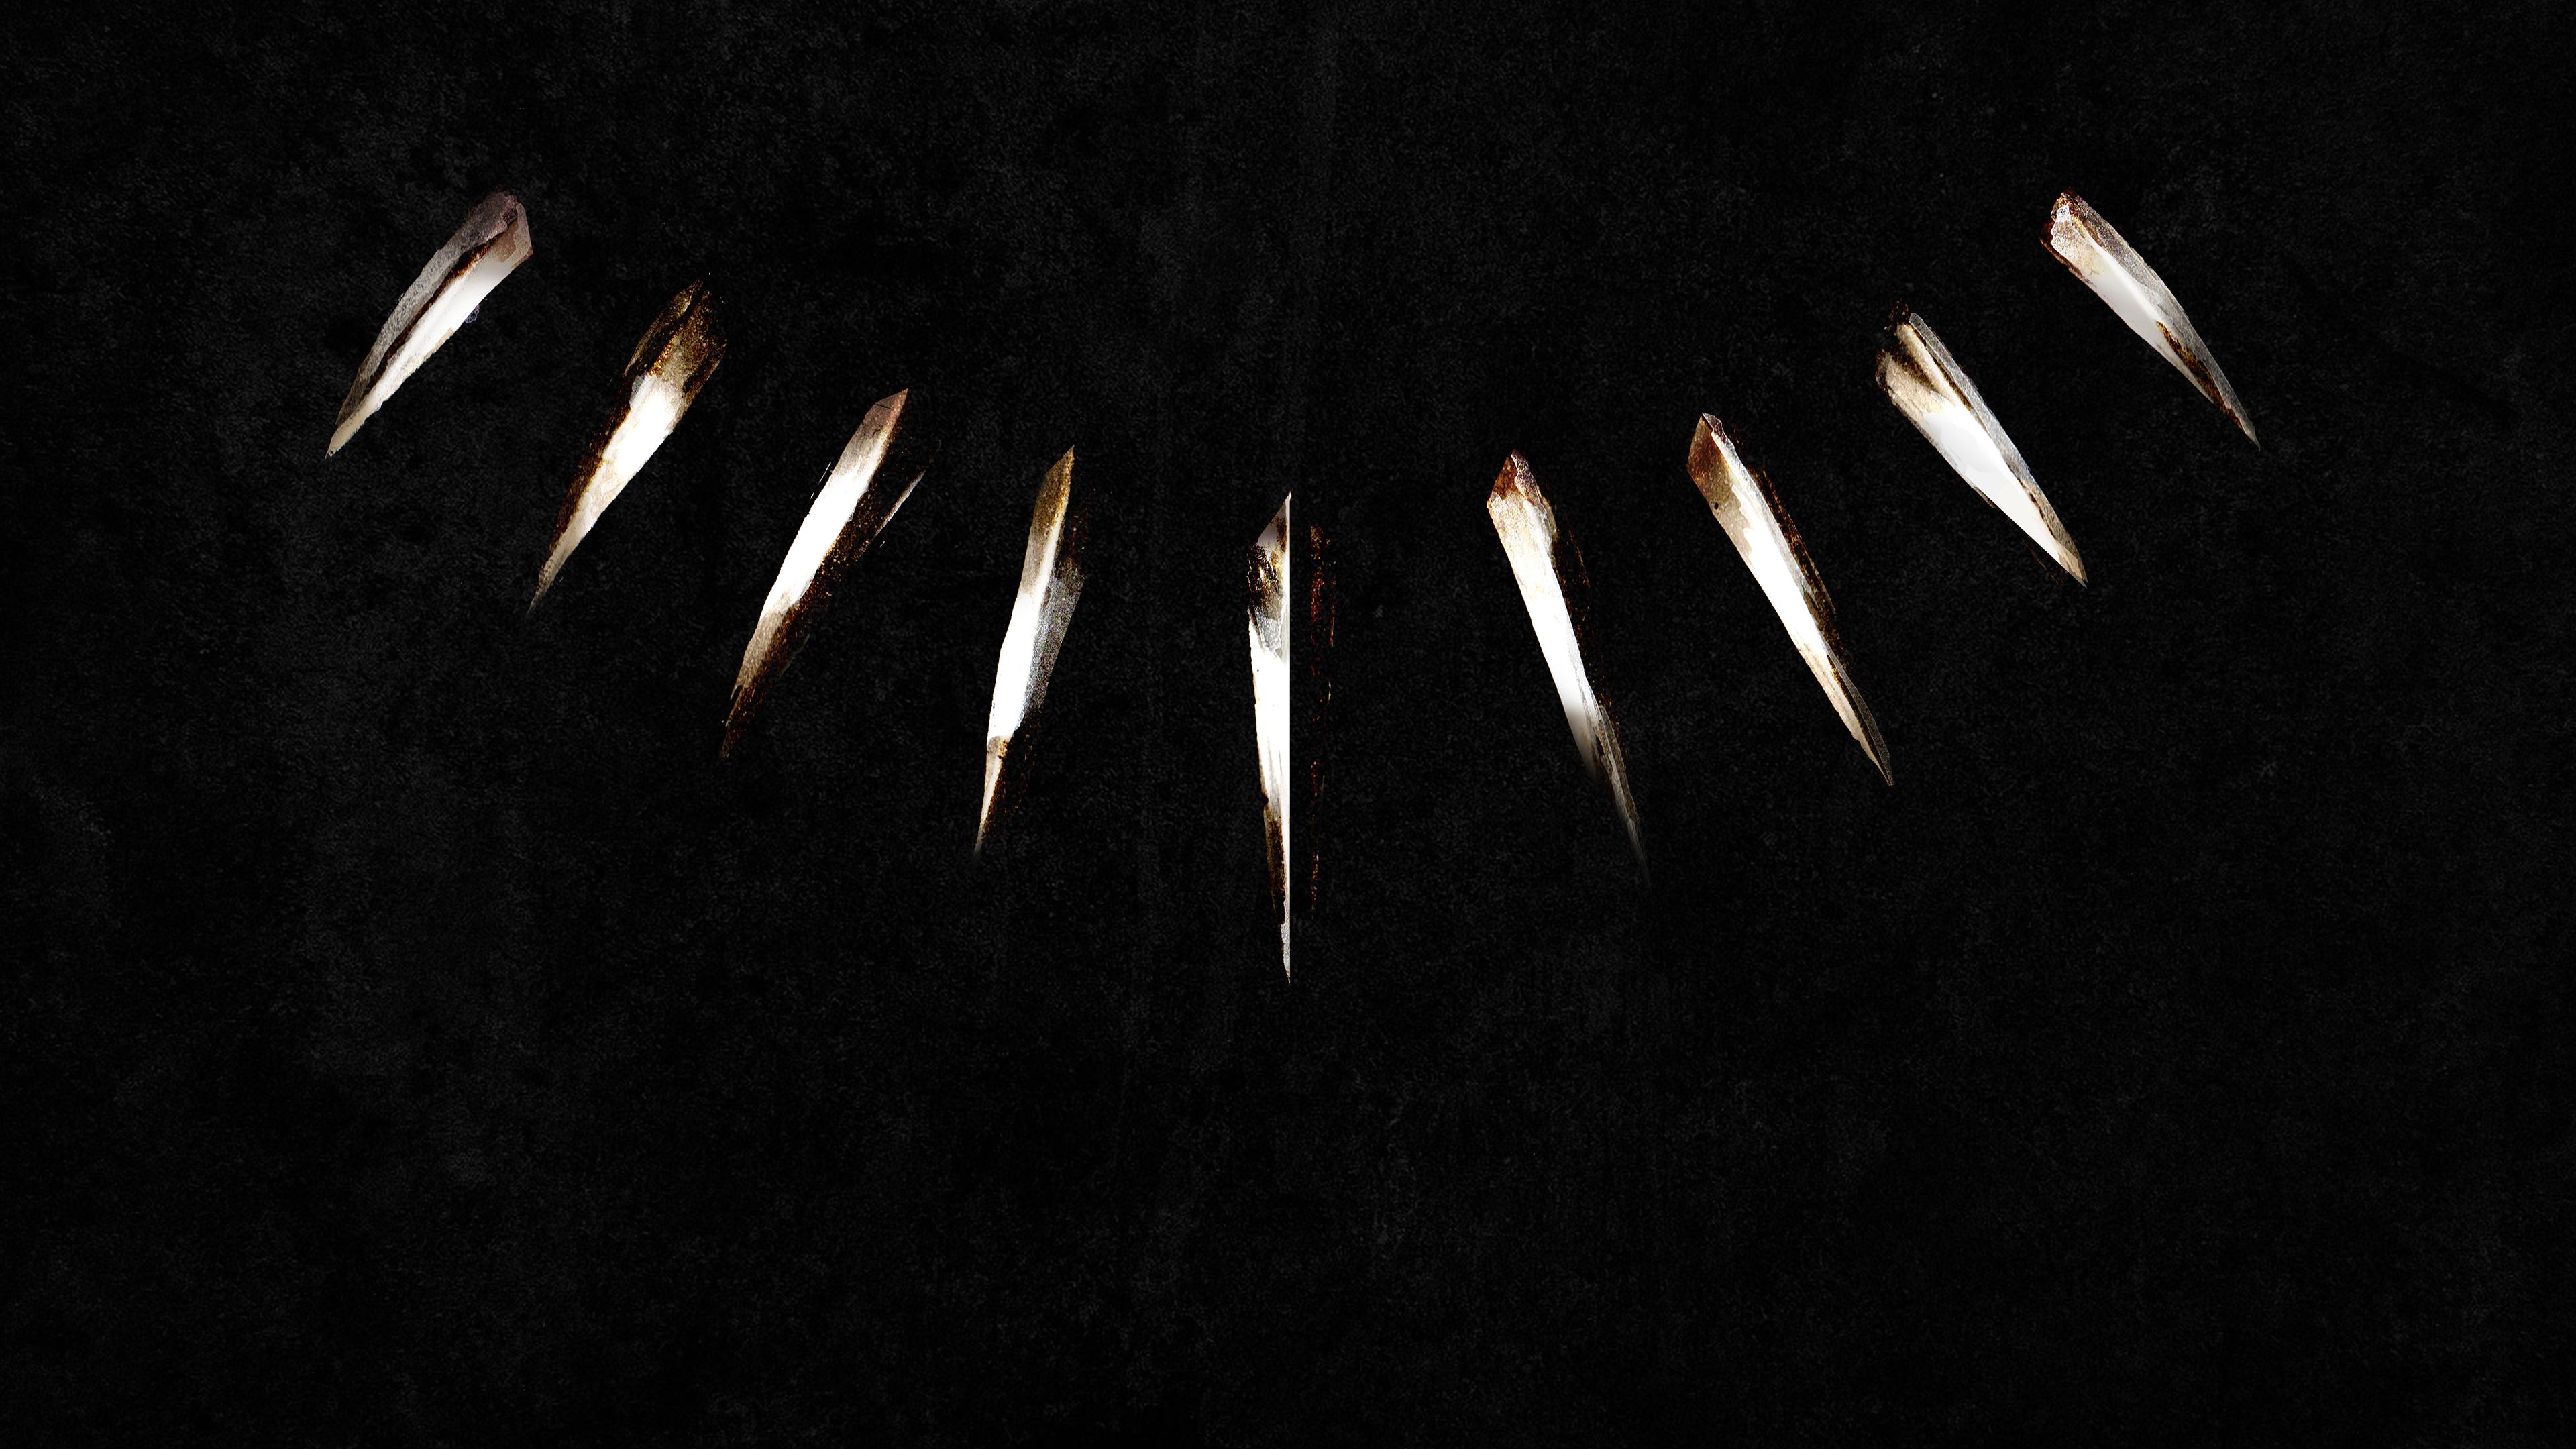 Gemini Jones Black Panther - HD Wallpaper